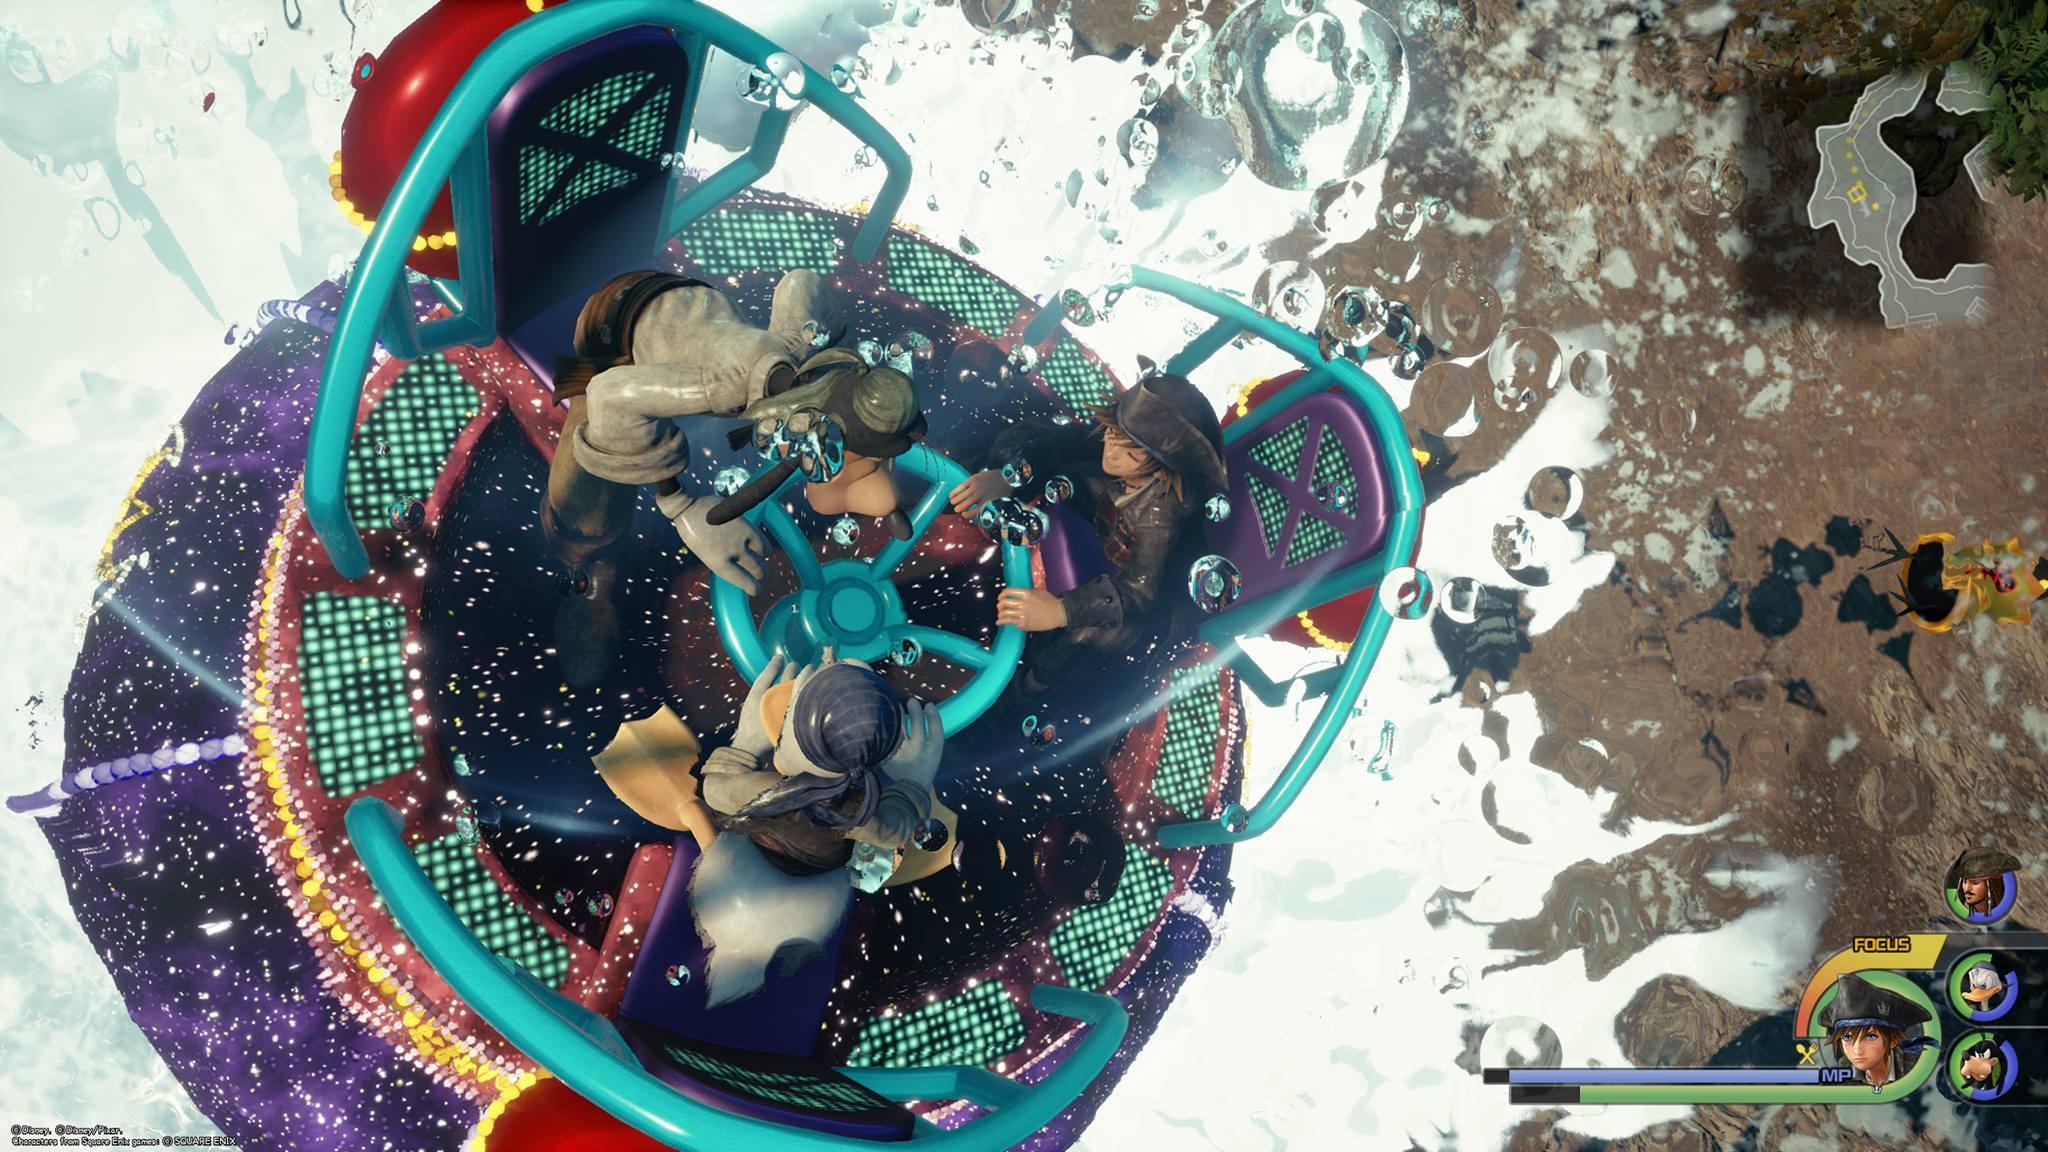 Les attractions Disney dans Kingdom Hearts